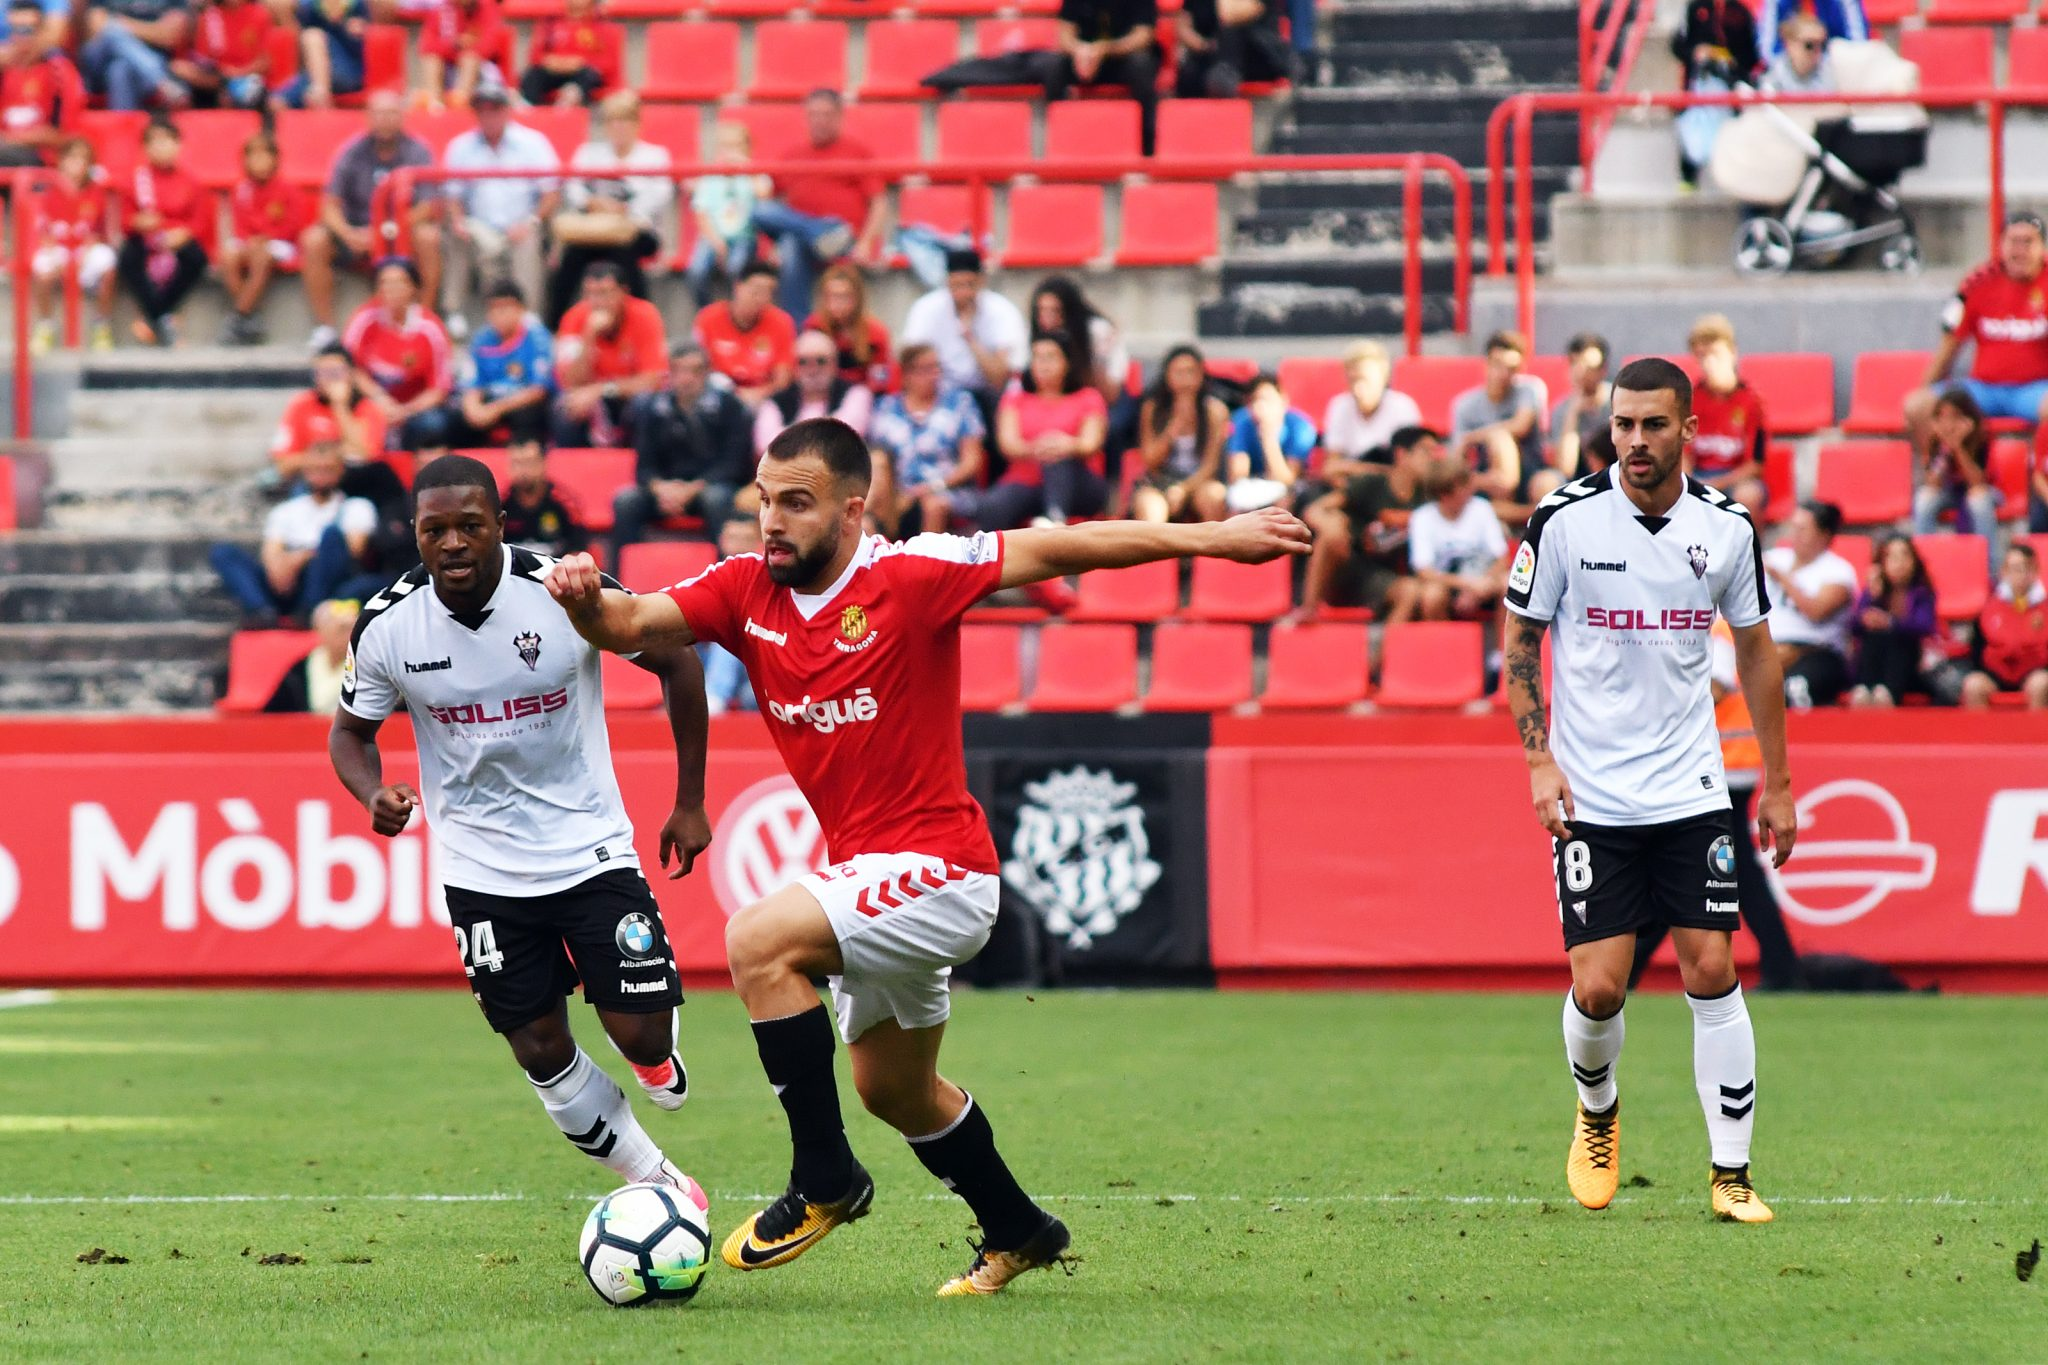 Javi Jiménez, durante el partido contra el Albacete | Foto: Laia Solanellas - Esportsdelcamp.